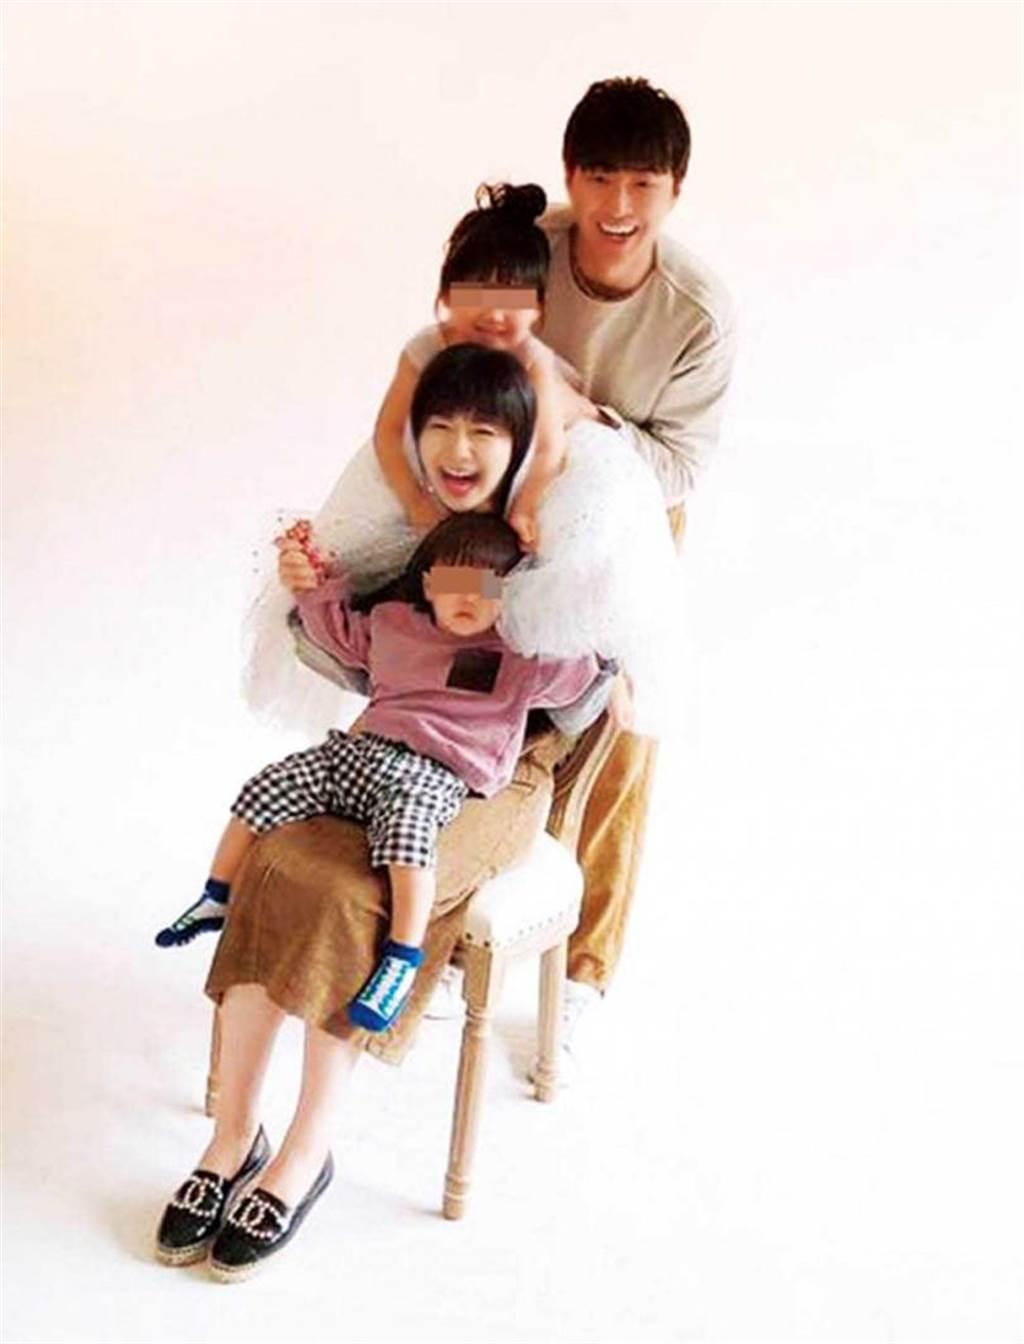 今年元旦,江宏傑PO出一家四口的甜蜜合影,夫妻倆笑得很開心。(圖/翻攝自江宏傑臉書)